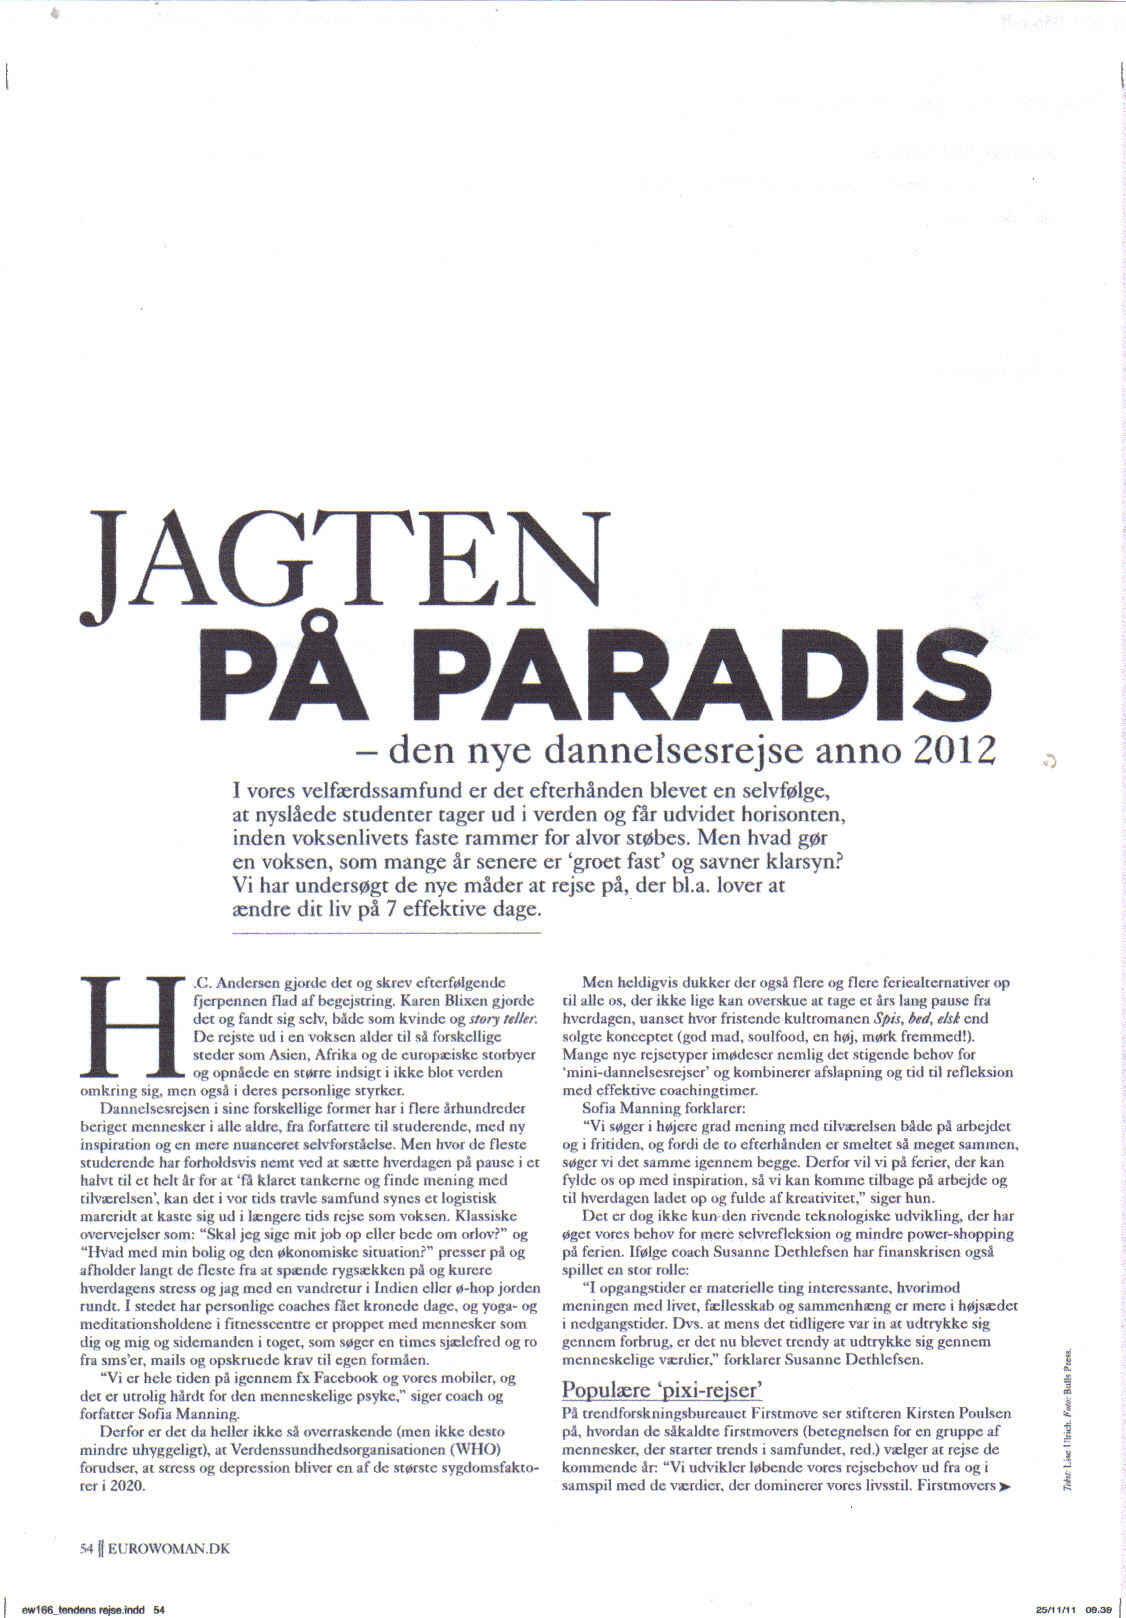 Danish Magazine Mention